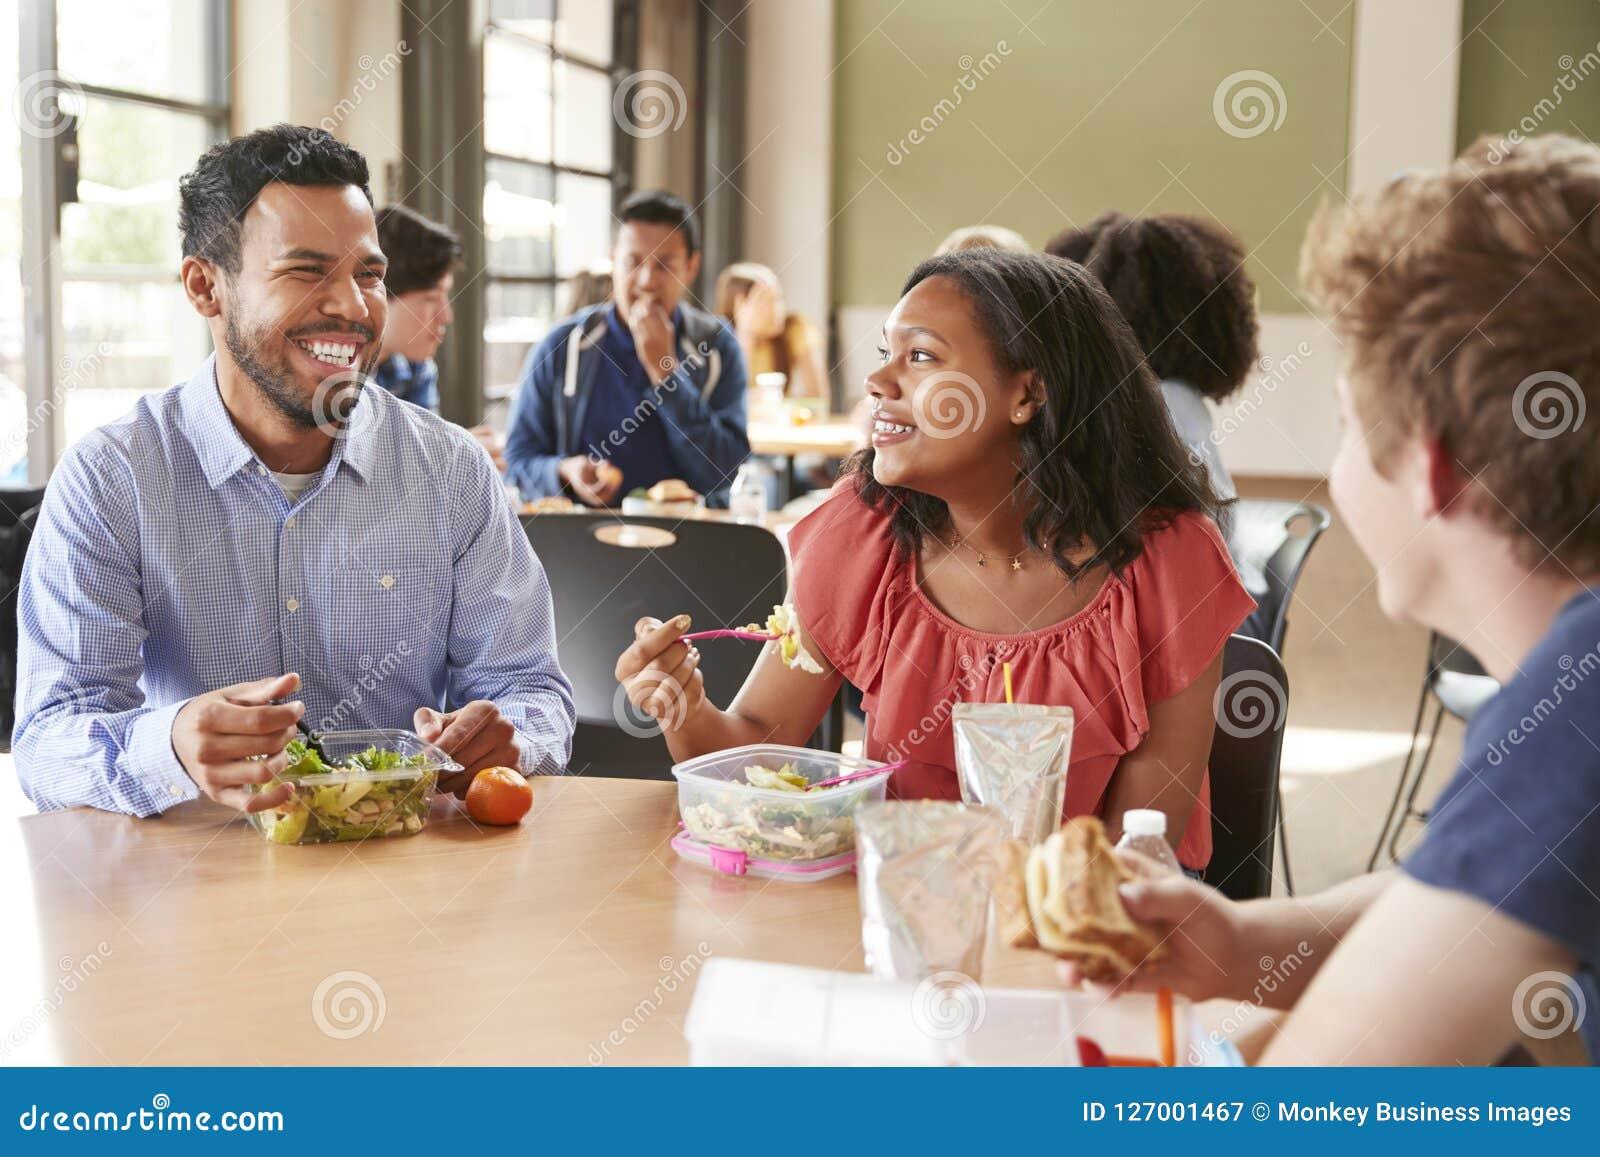 De Lunch van leraarsand students eating in Middelbare schoolcafetaria tijdens Reces